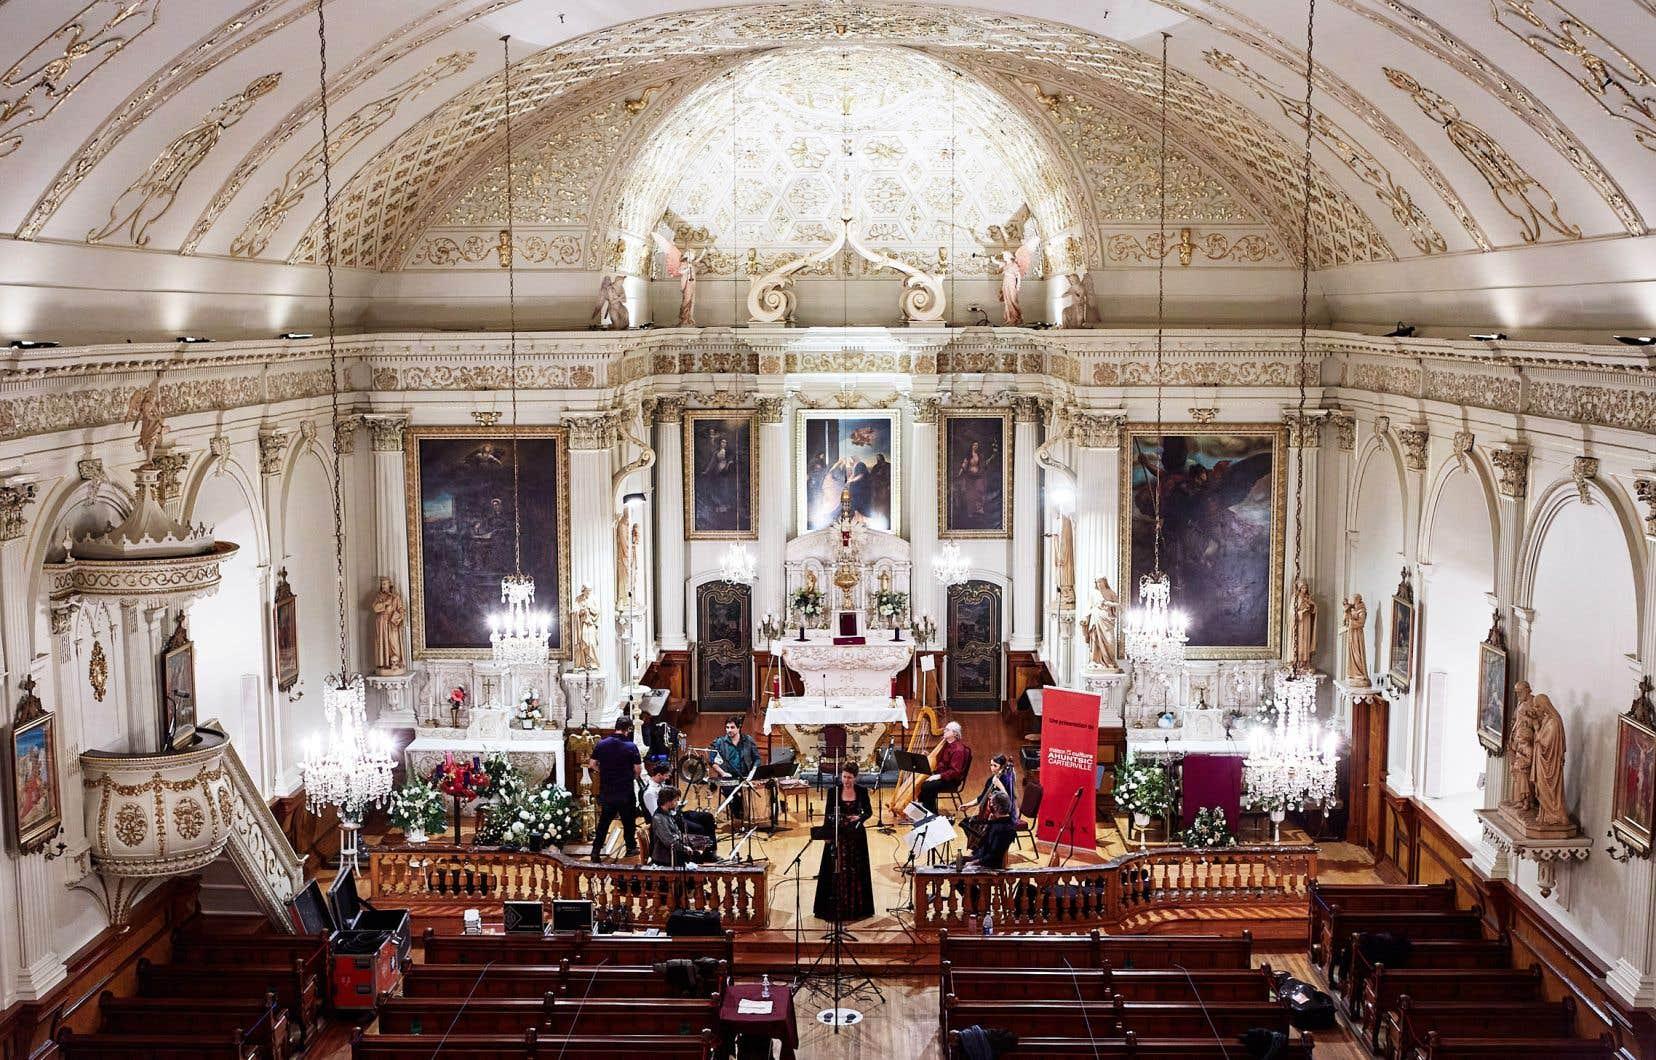 «Noël chez les peuples fondateurs de Montréal» en compagnie de la soprano mohawk Donna Kanerahtenha:wi Jacobs, de la soprano Meredith Hall et de l'ensemble La Nef. Placé sous la direction de Sylvain Bergeron, ce concert enregistré le 8 décembre offre les plus belles musiques de Noël entendues à Montréal aux XVIIe et XVIIIe siècles.